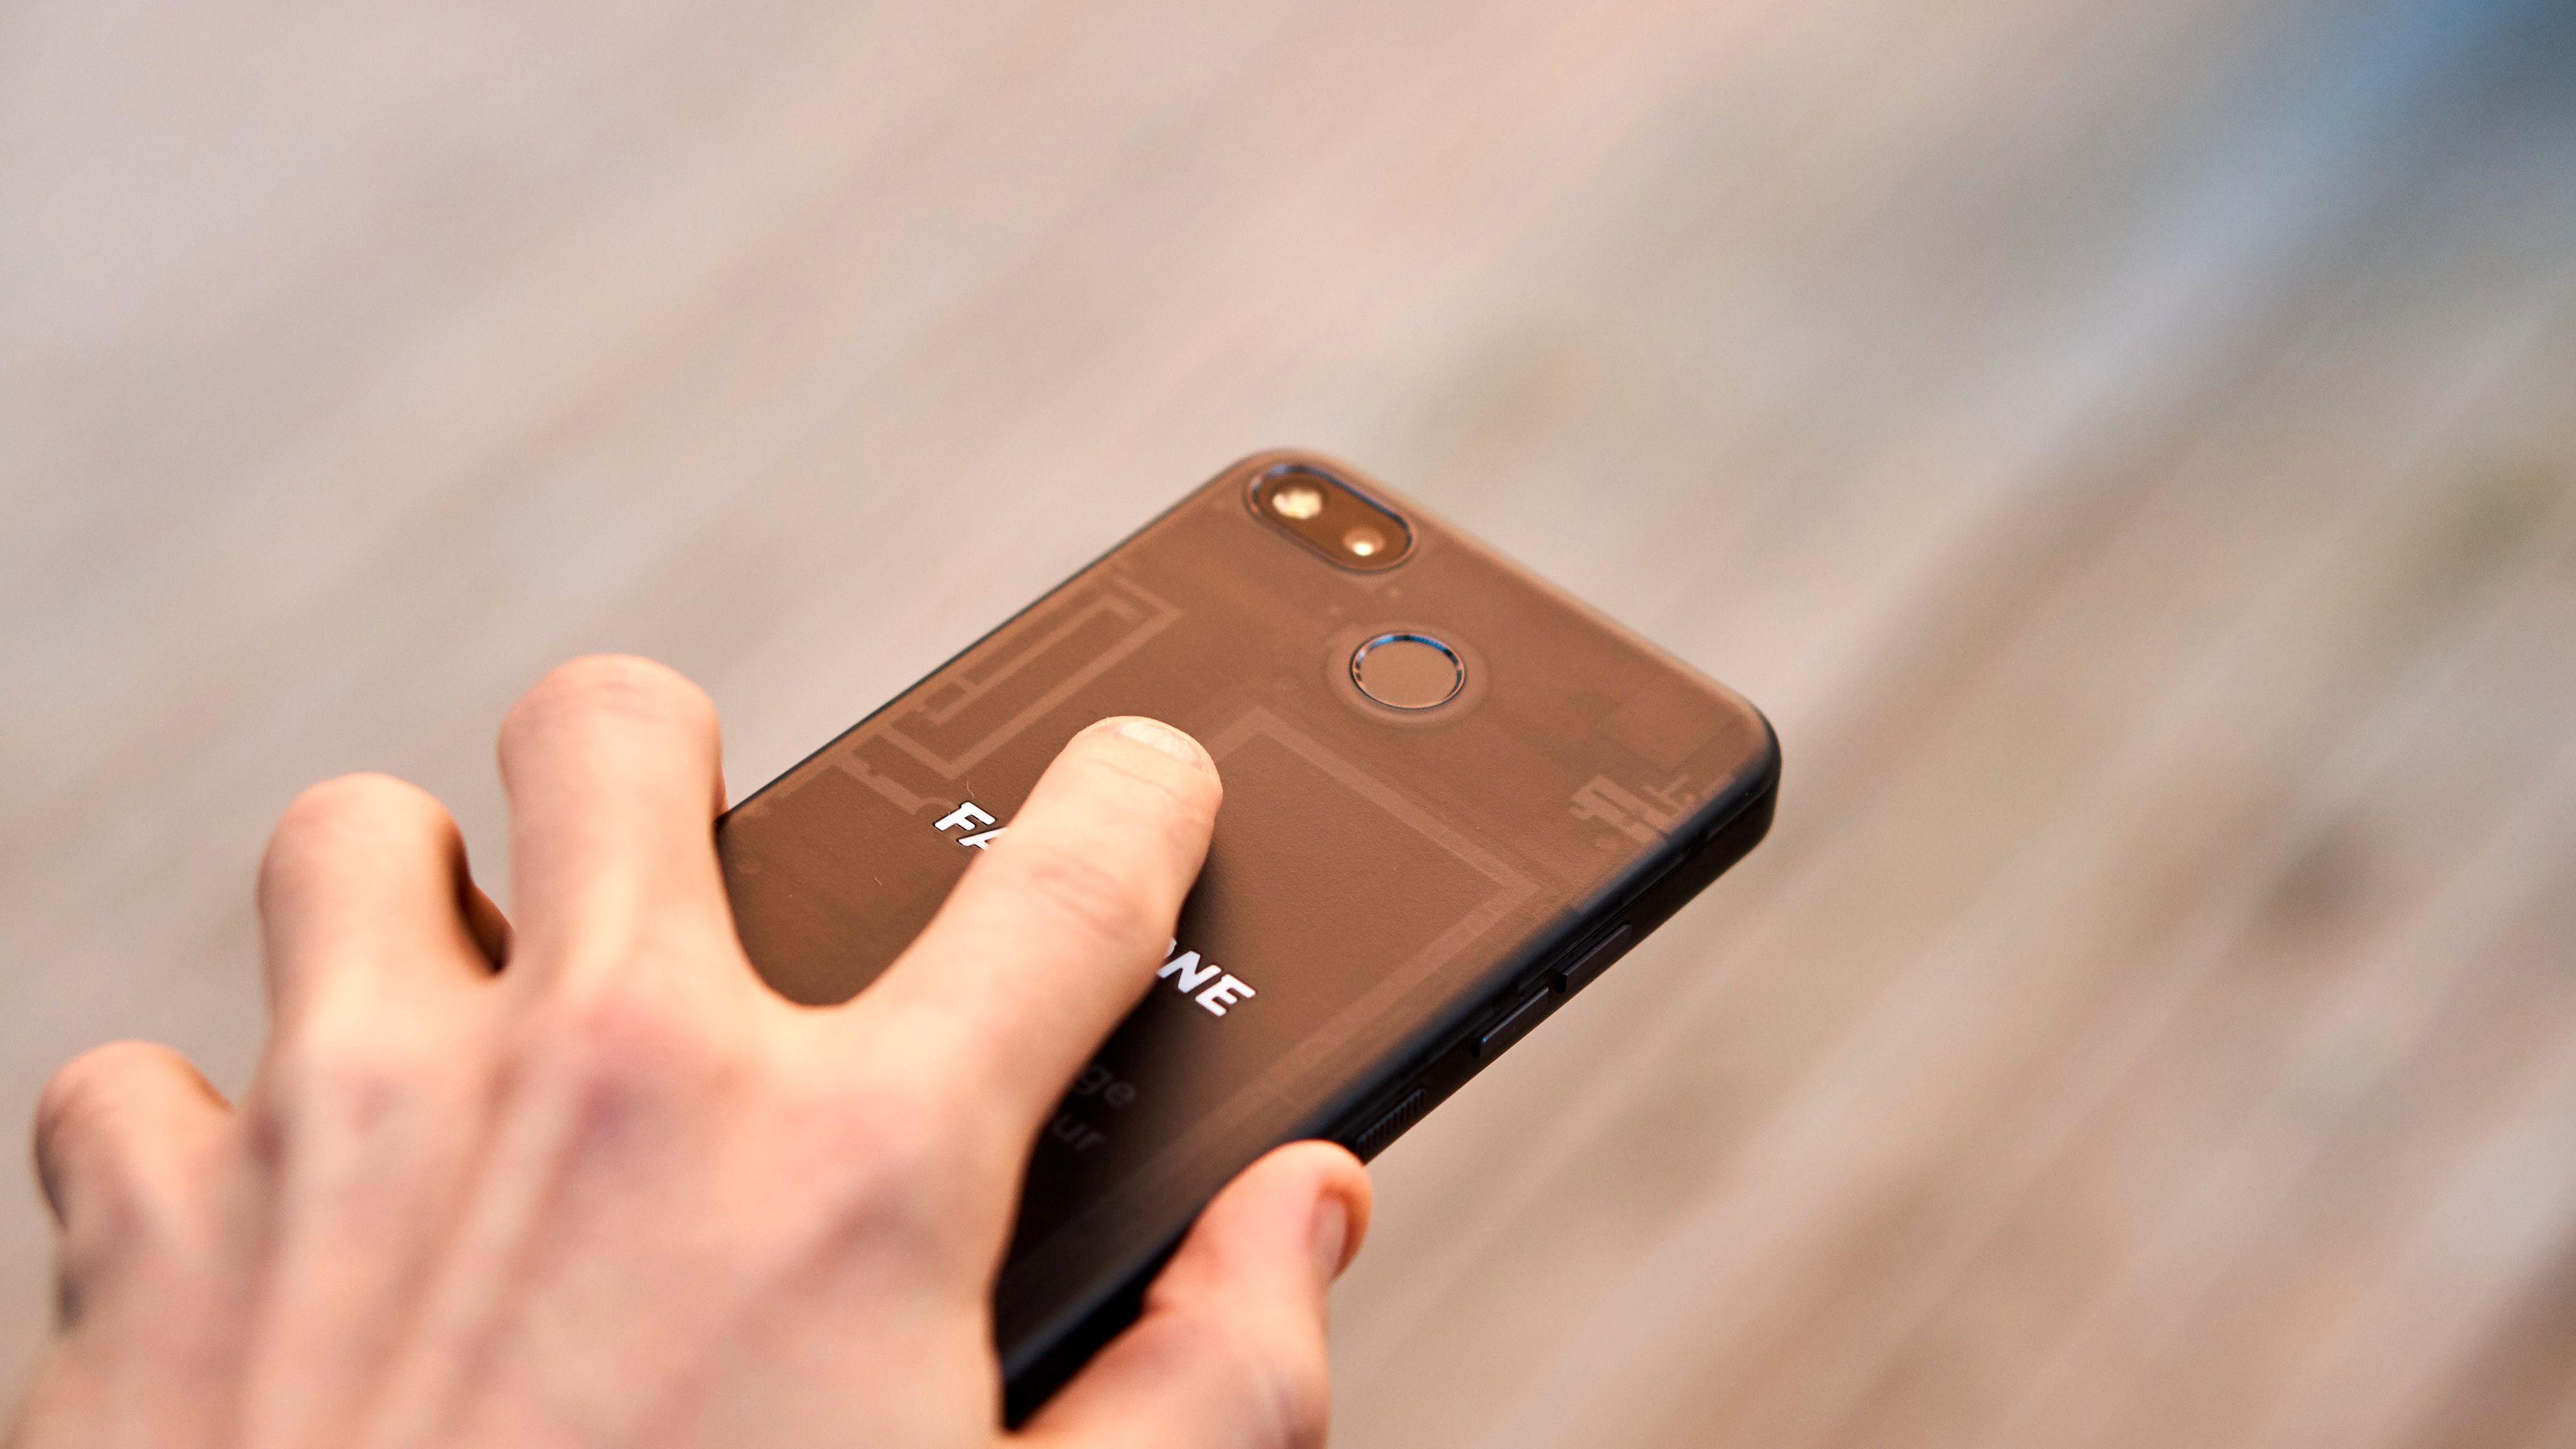 Fingeravtrykksleseren er ikke spesielt rask, og er plassert ekstremt høyt opp på baksiden – noe som gjør den ubehagelig å bruke.